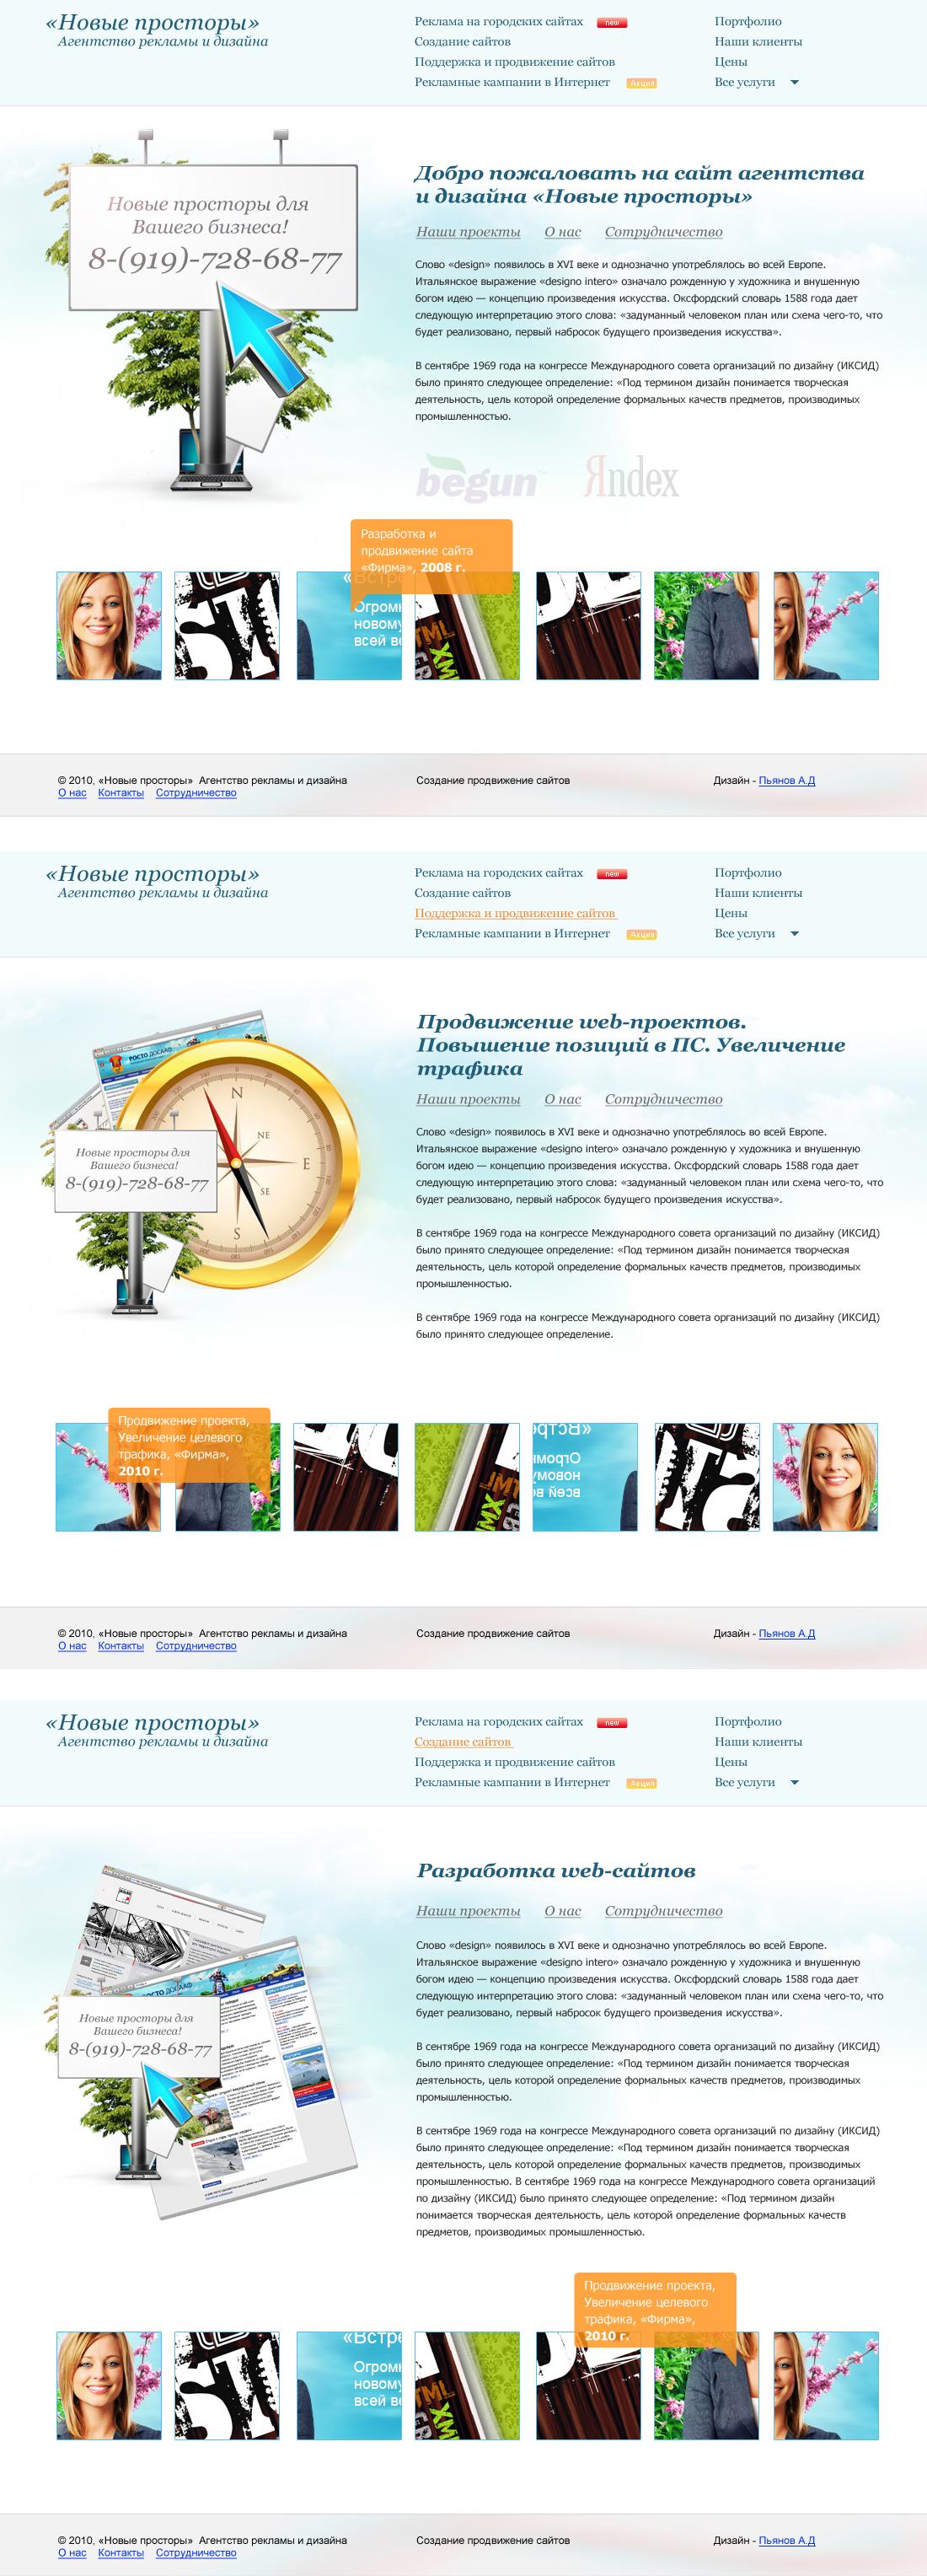 Агентство рекламы и дизайна